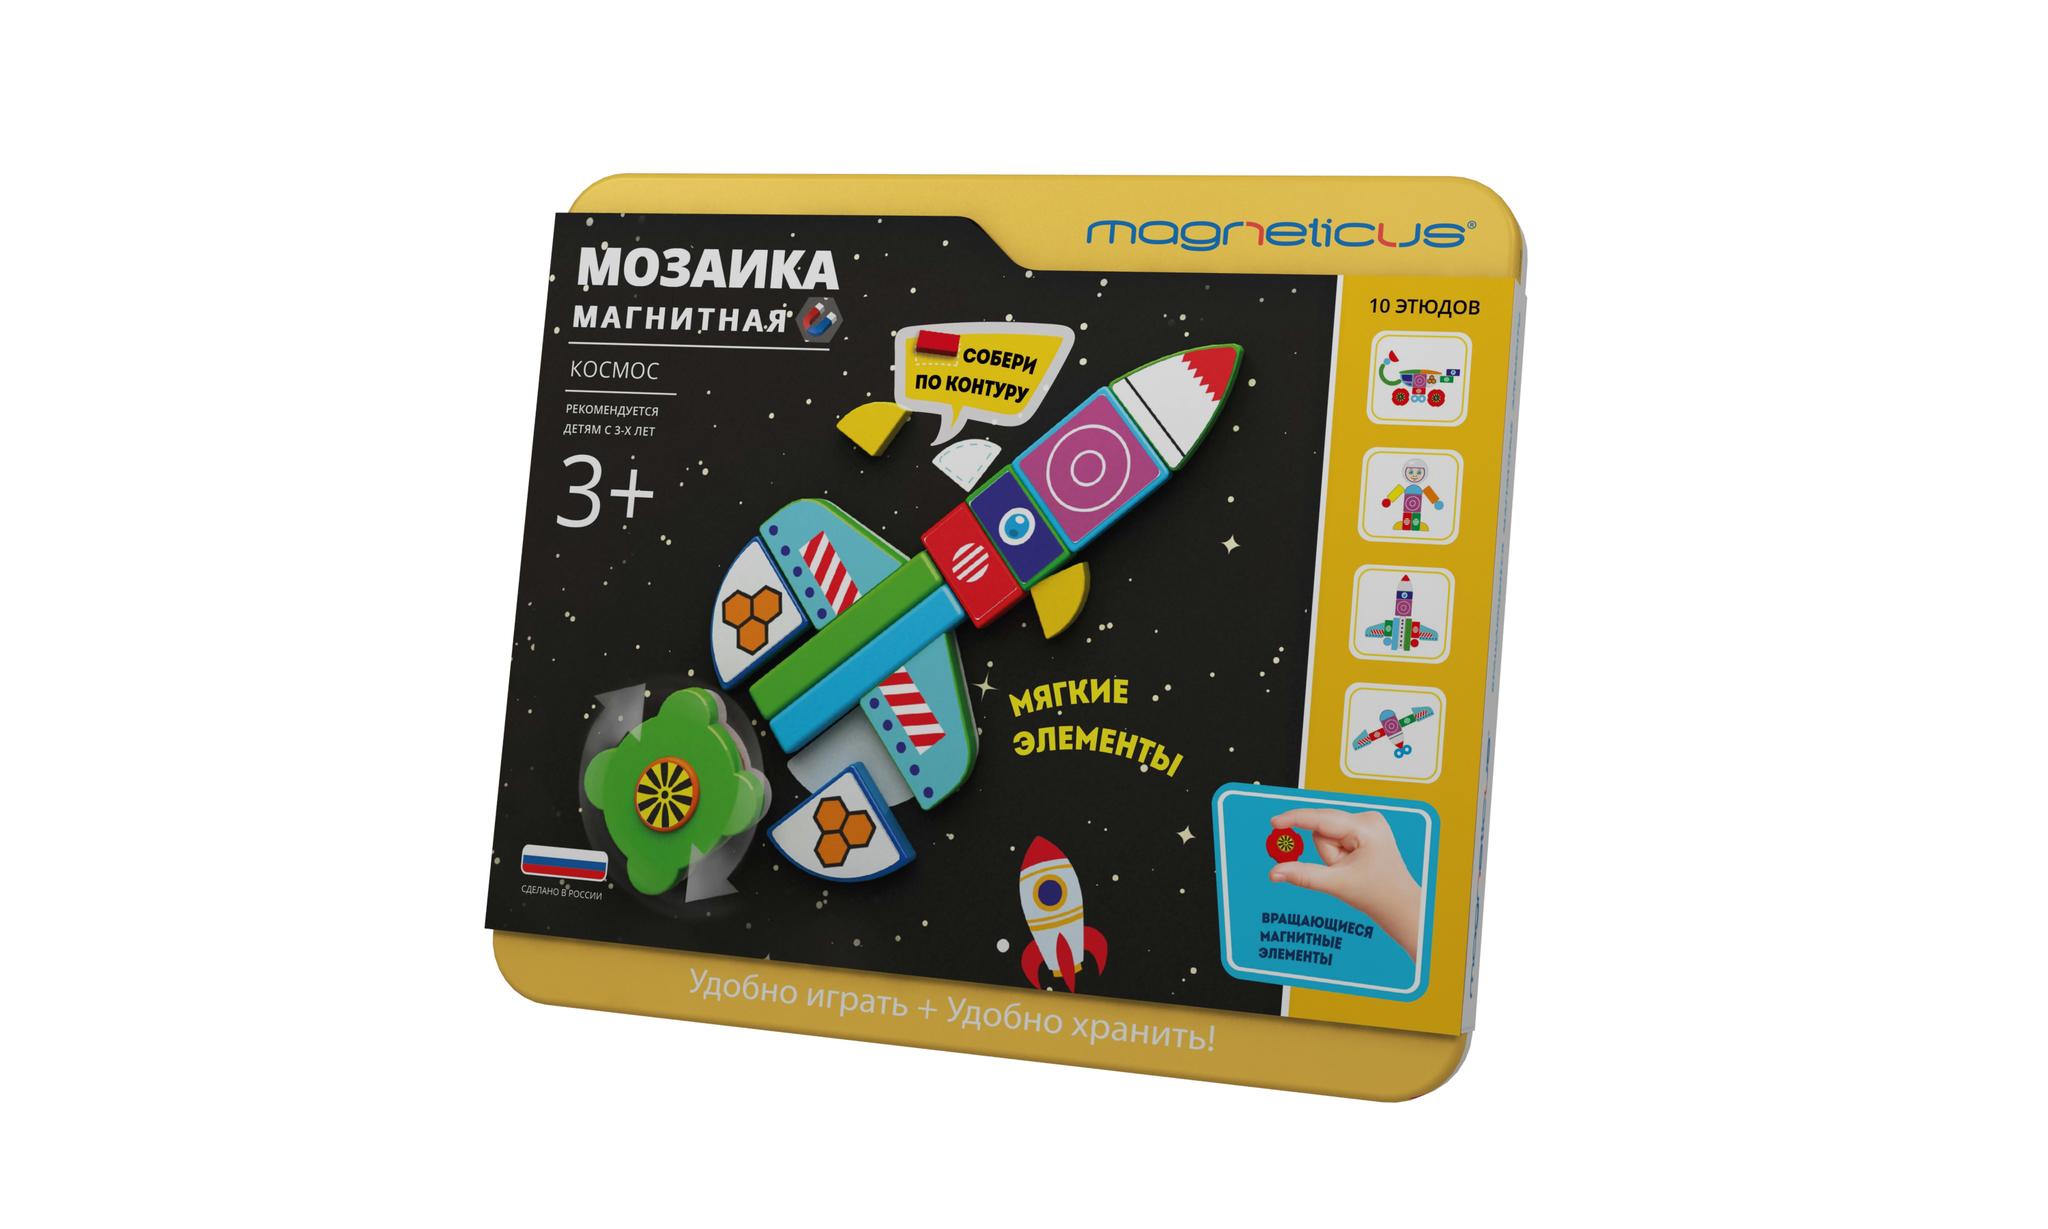 Игра Мозаика магнитная Magneticus Космос